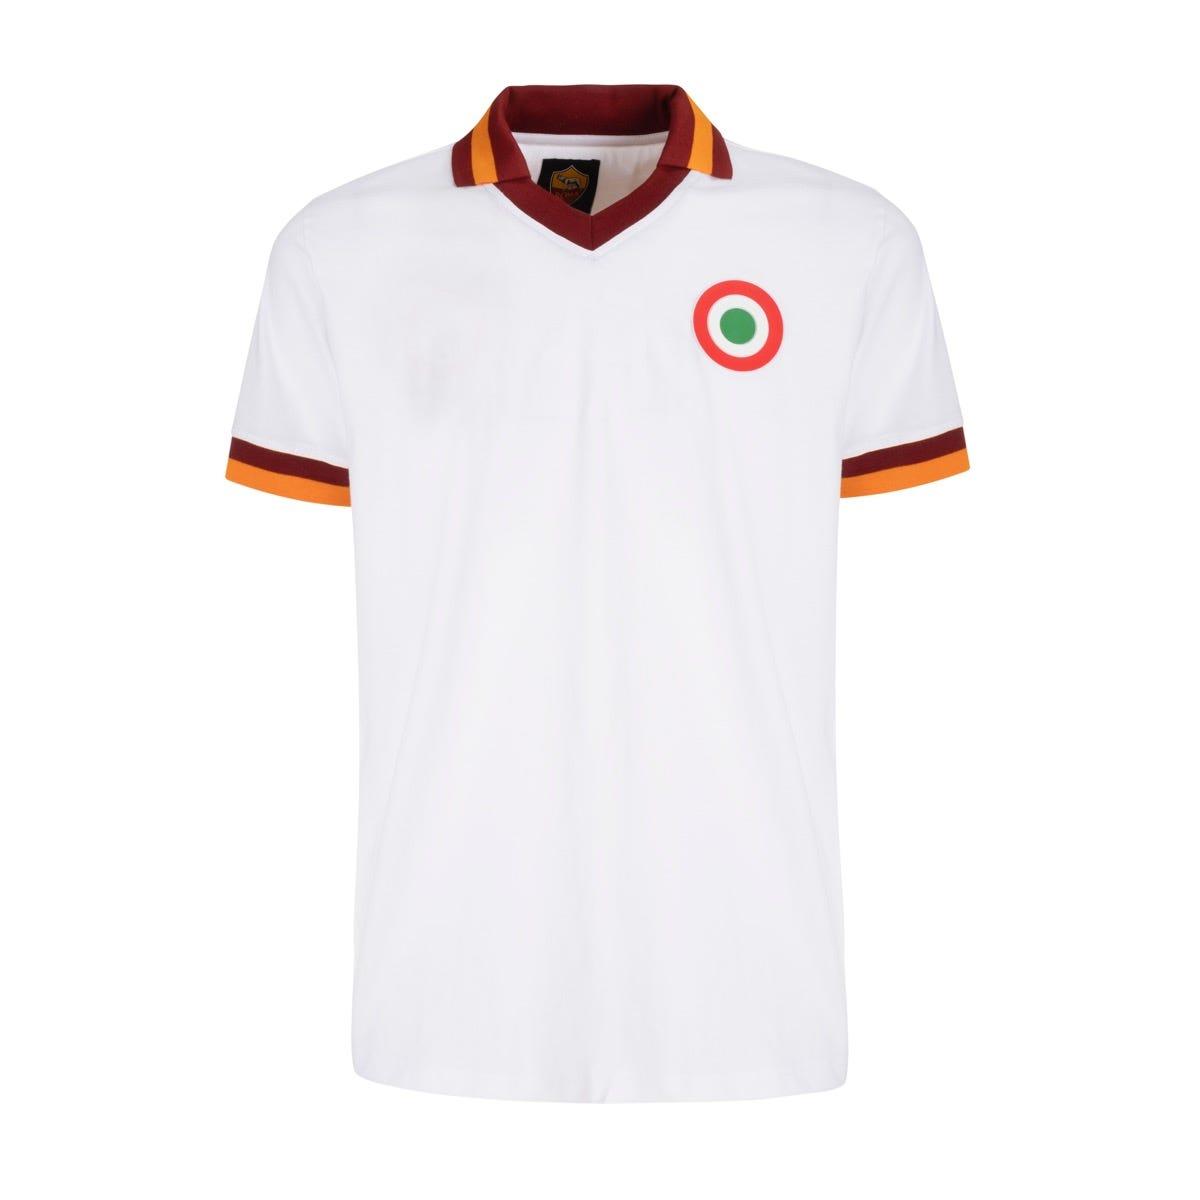 Men's AS ROMA Retro 1980/81 short-sleeved jersey – white